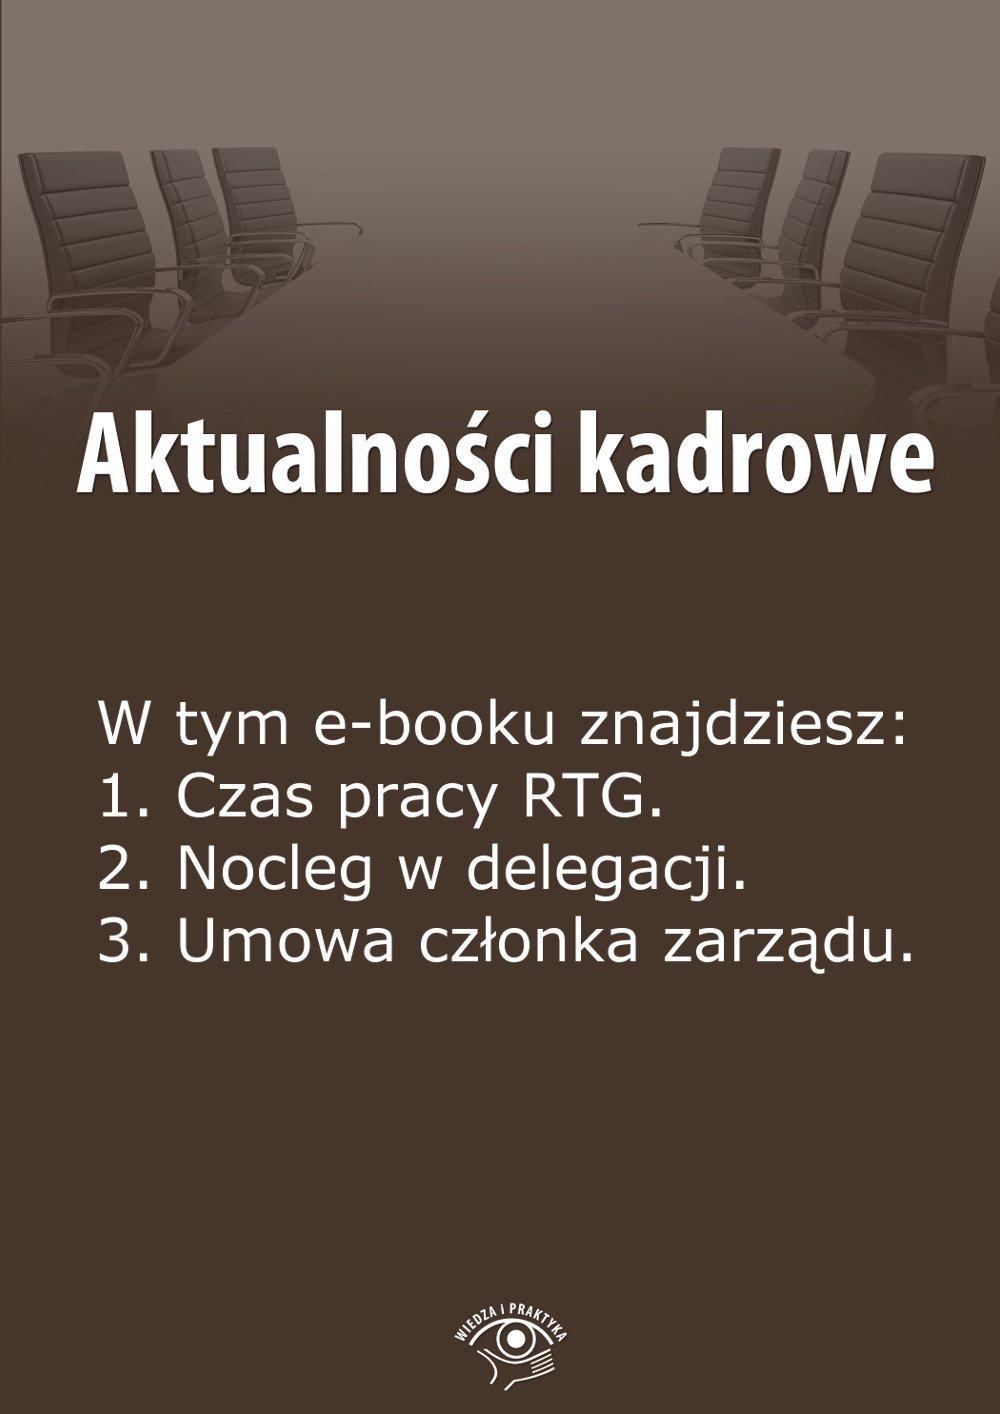 Aktualności kadrowe. Wydanie czerwiec 2014 r. - Ebook (Książka EPUB) do pobrania w formacie EPUB